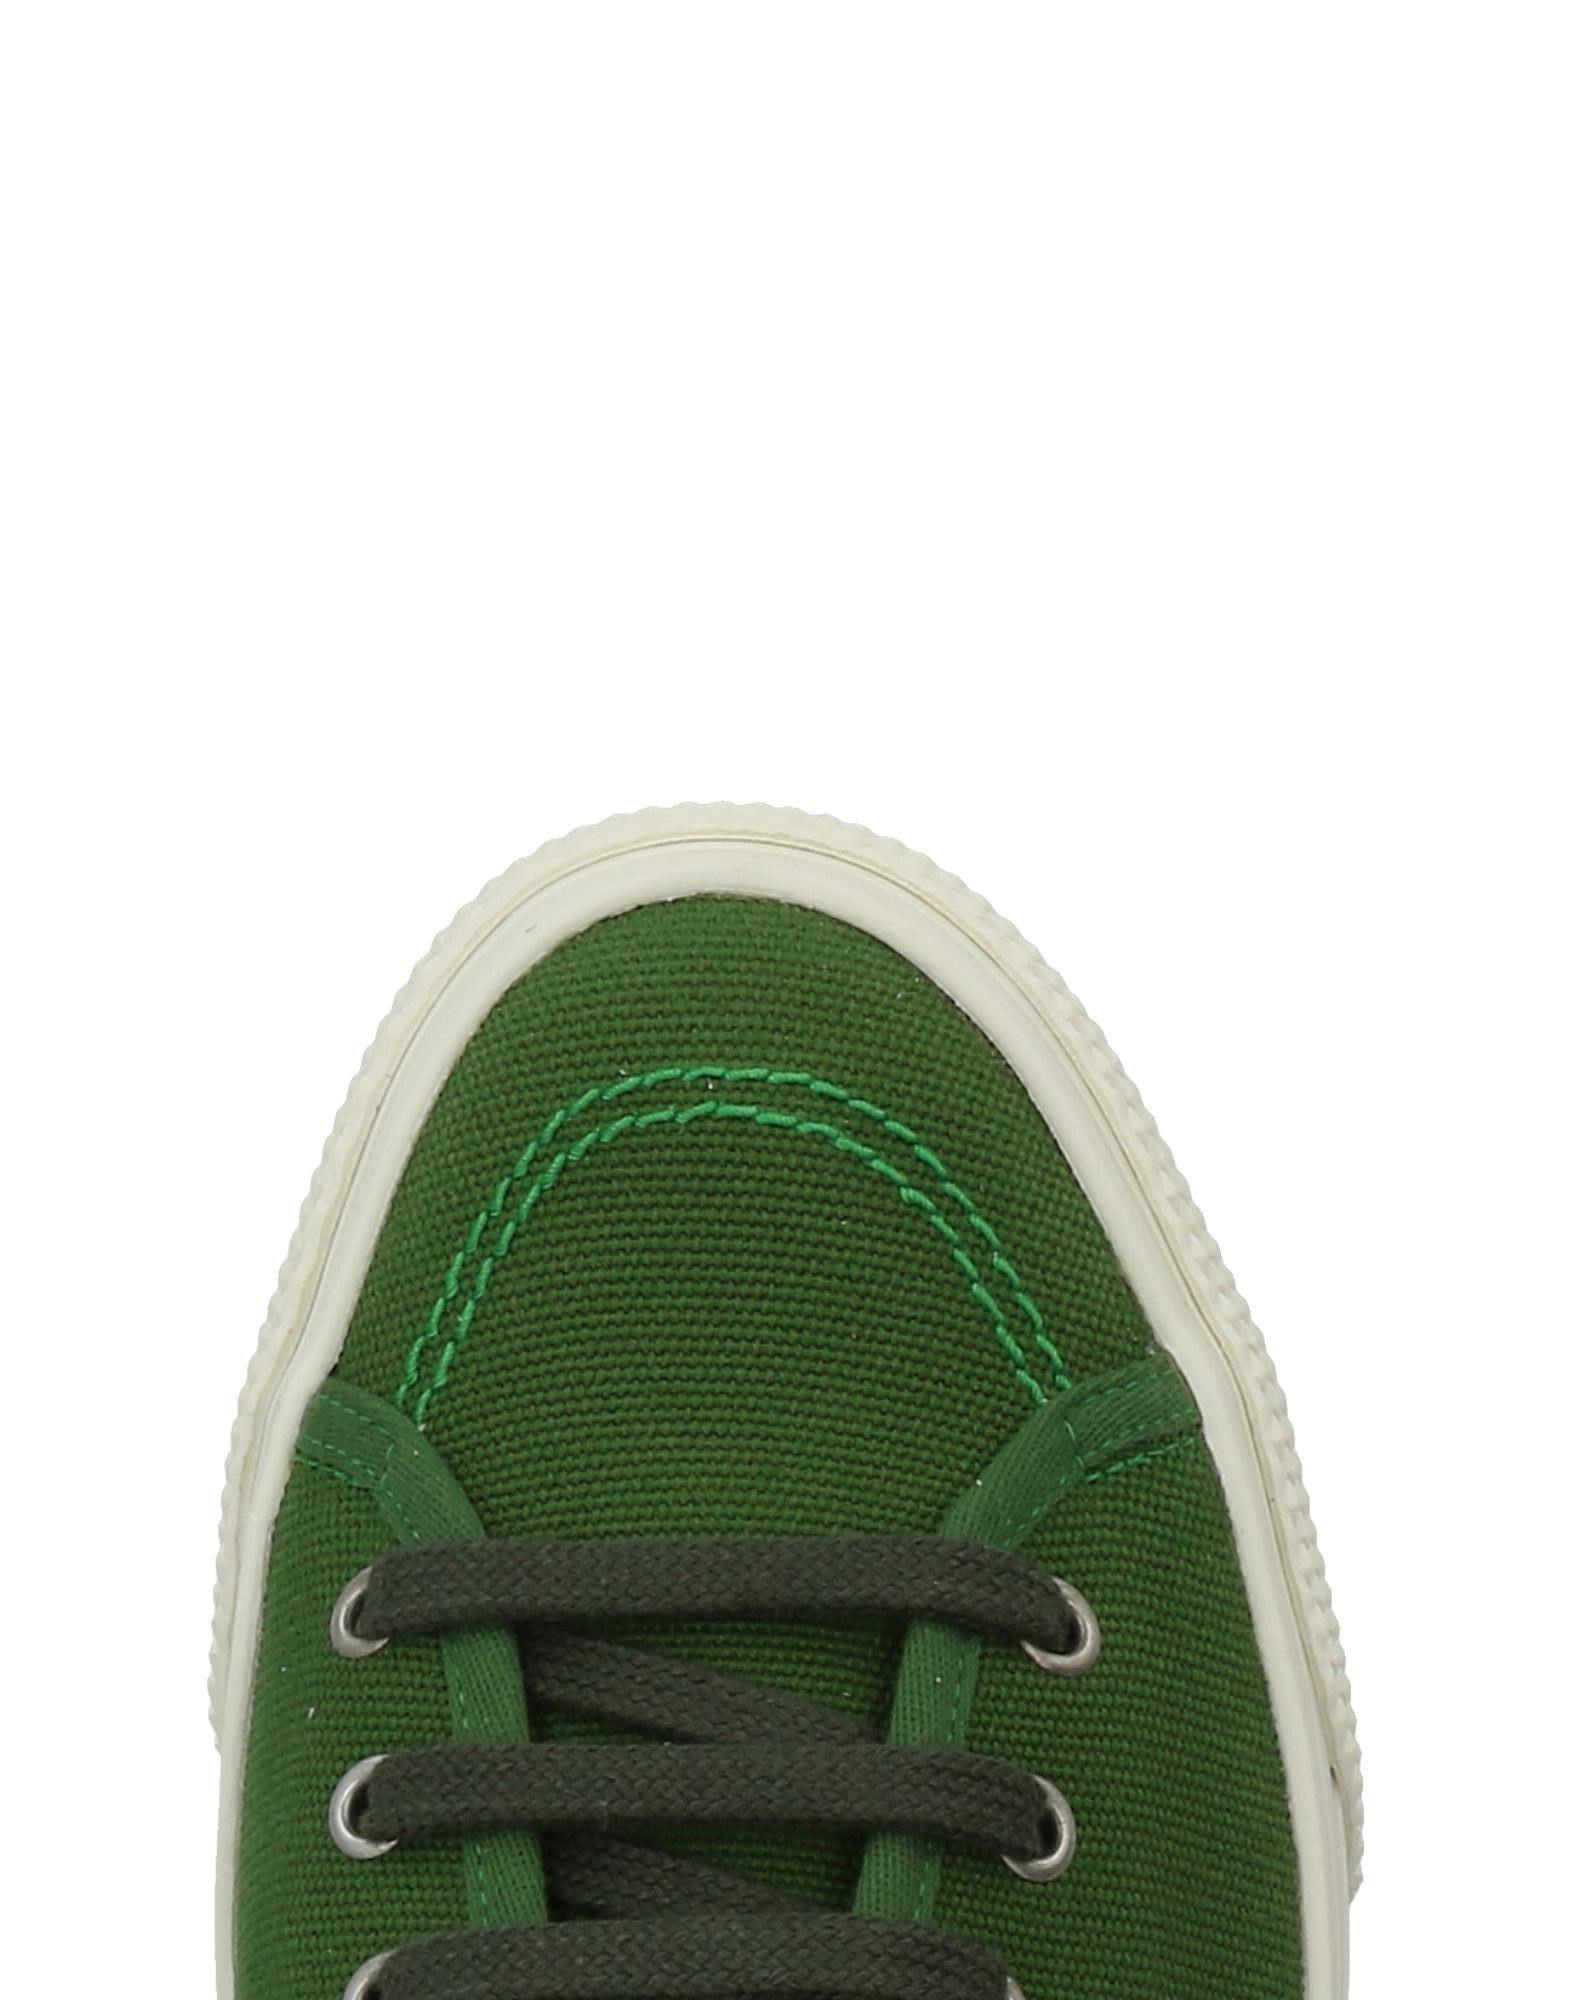 Stella Mccartney Sneakers Herren Herren Sneakers  11422585HX 74c500